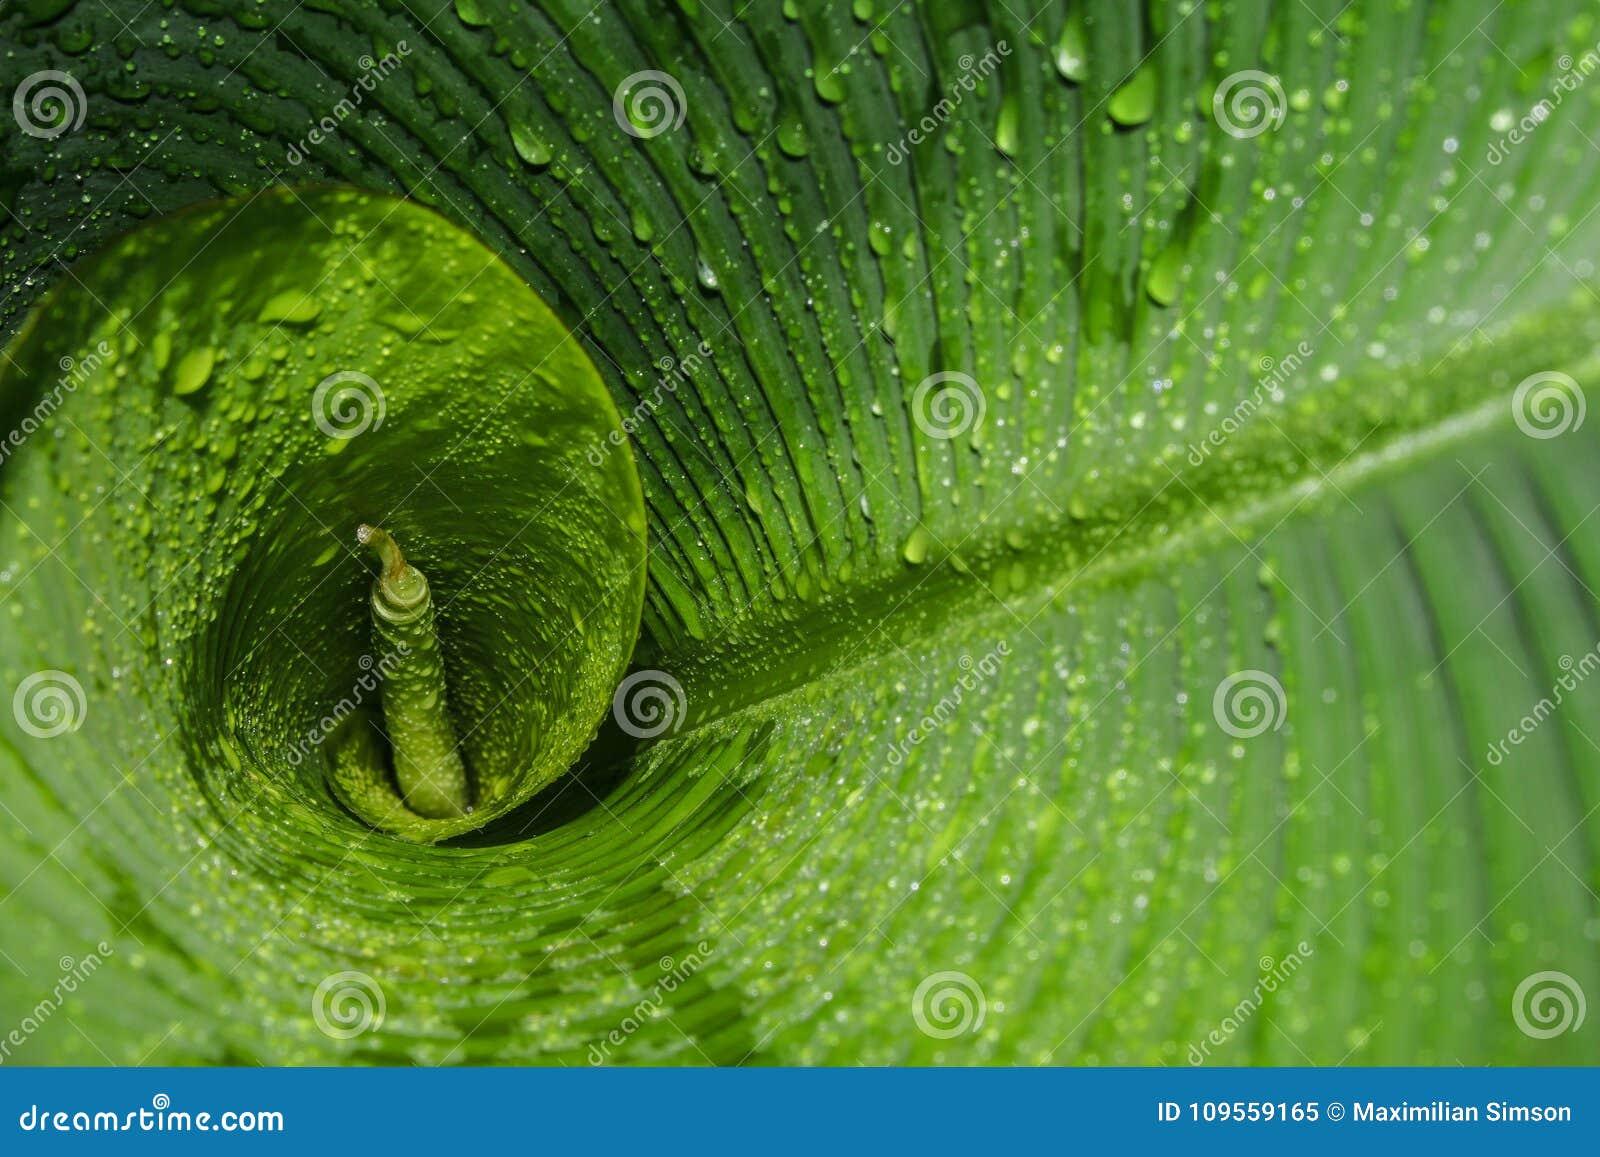 Тропические зеленые и влажные лист банана